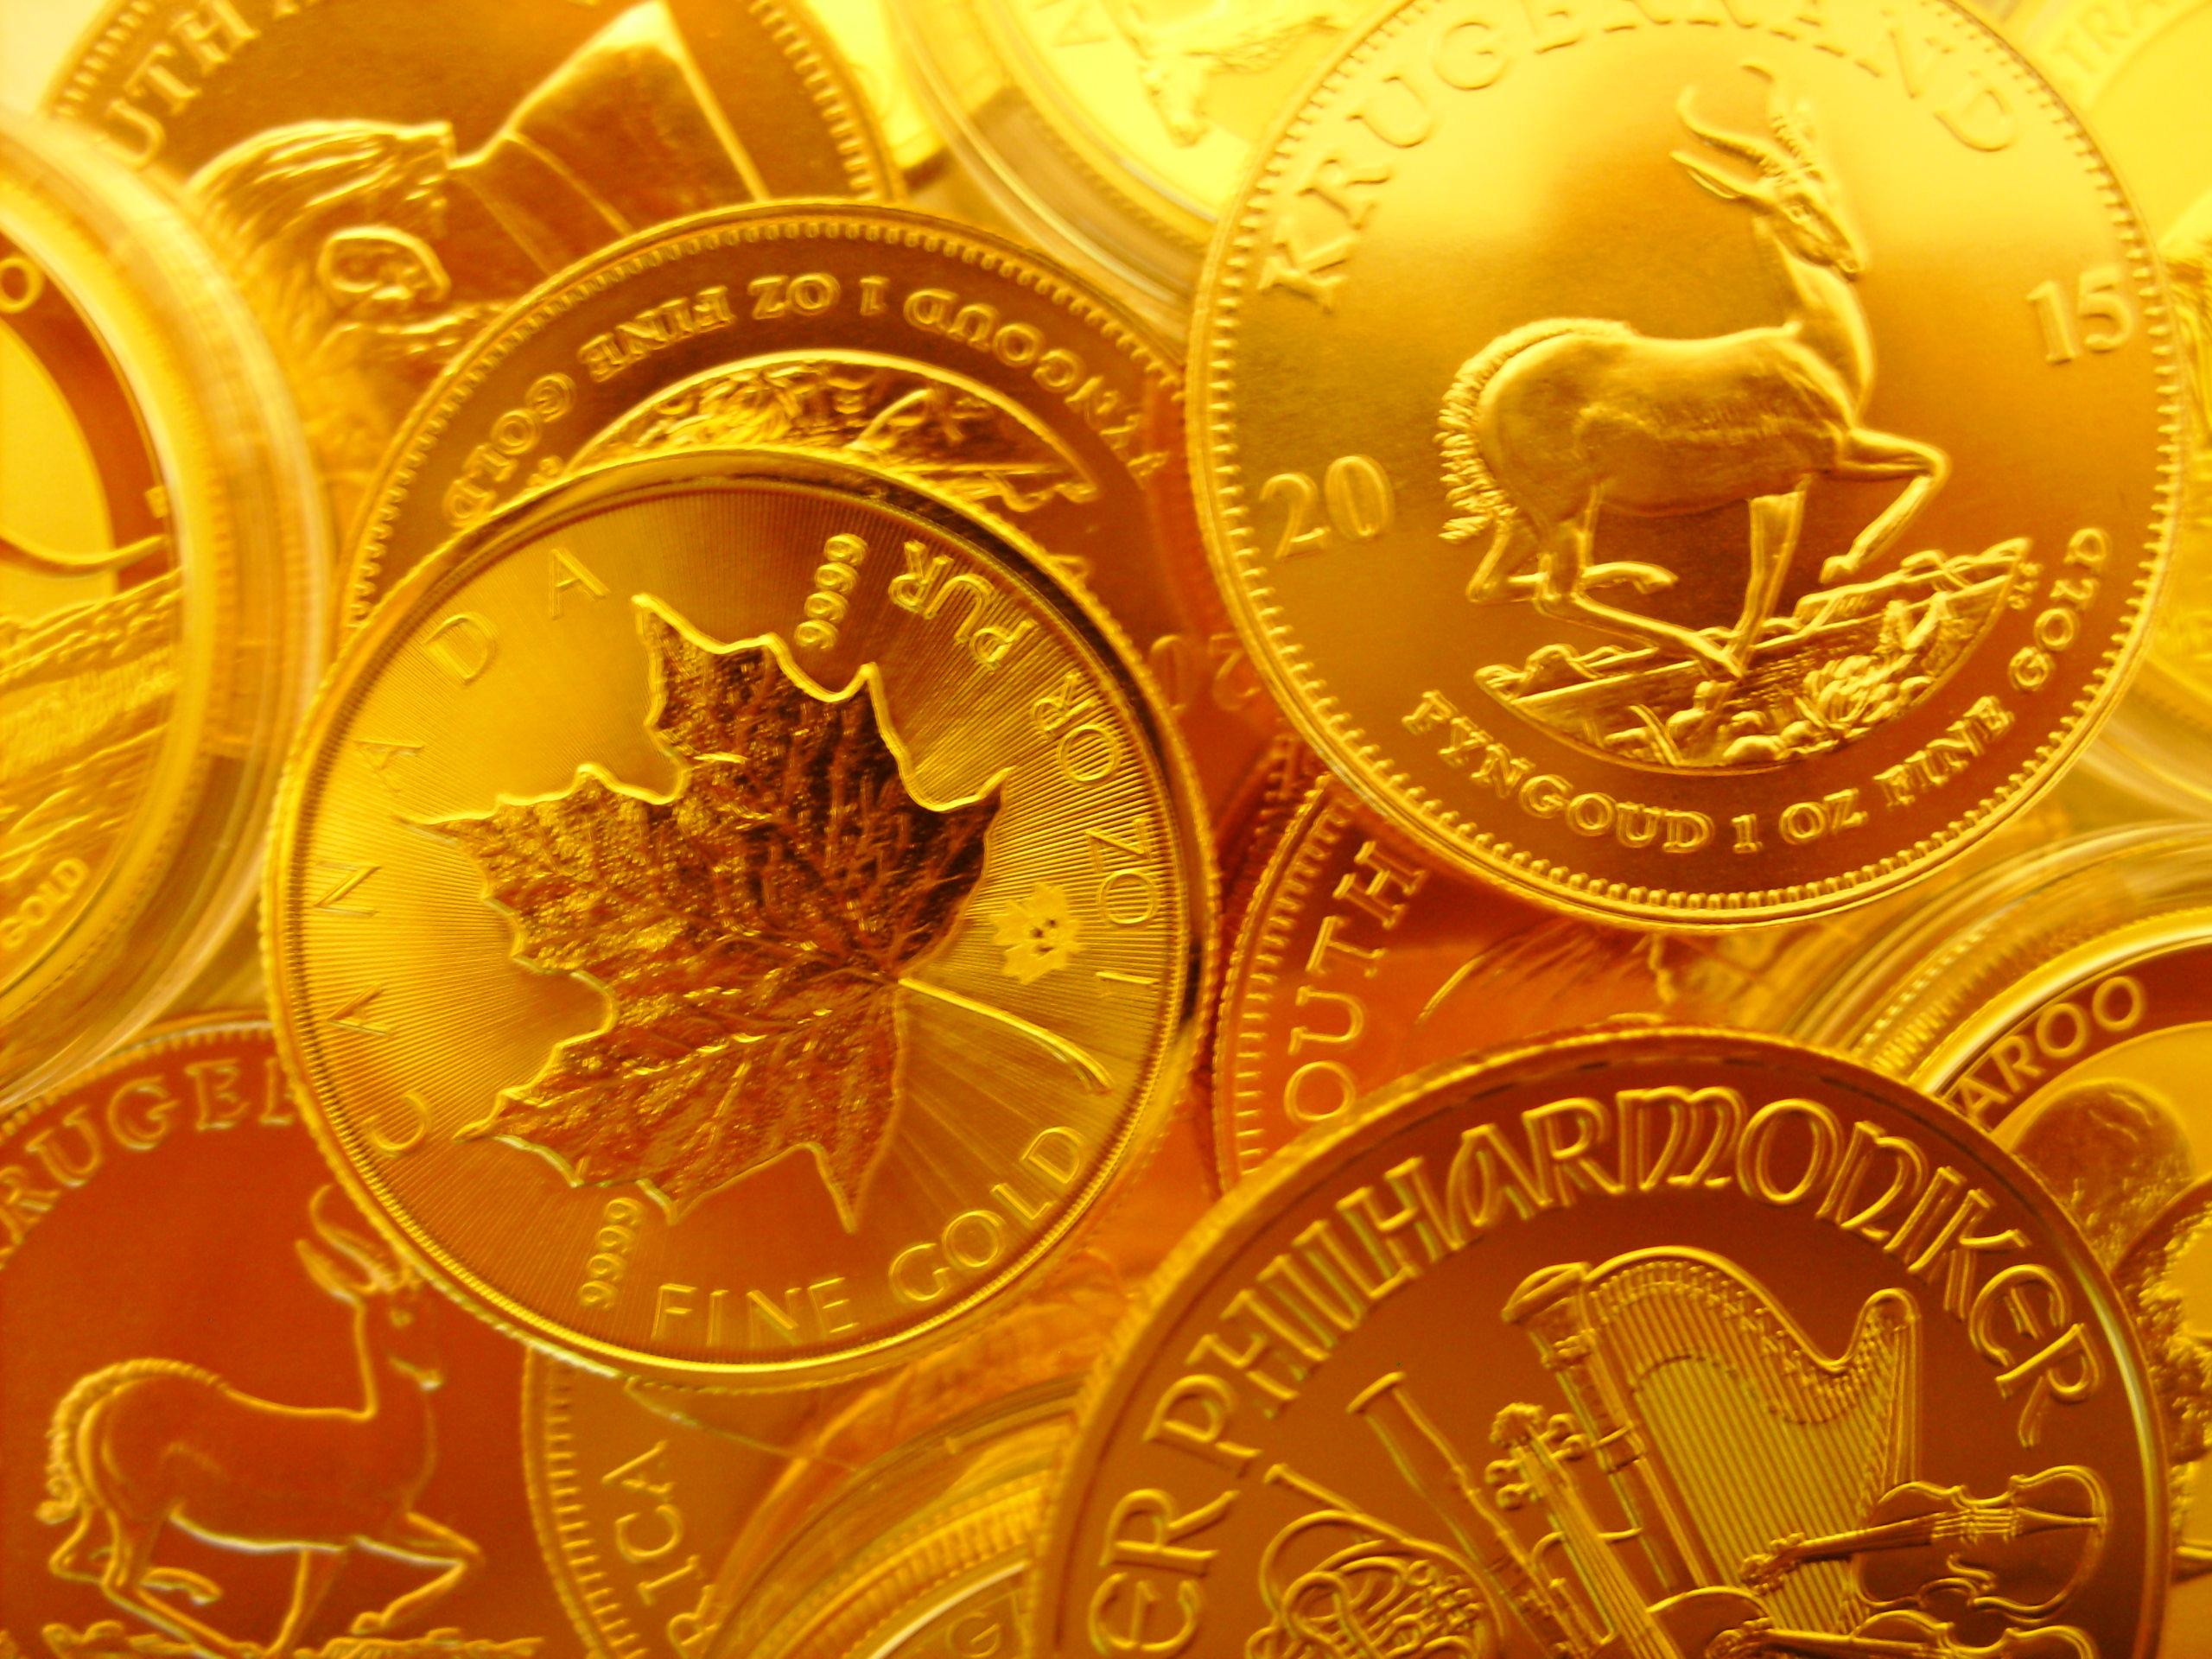 Republik im Goldrausch — Goldnachfrage in Deutschland steigt 2015 dramatisch an